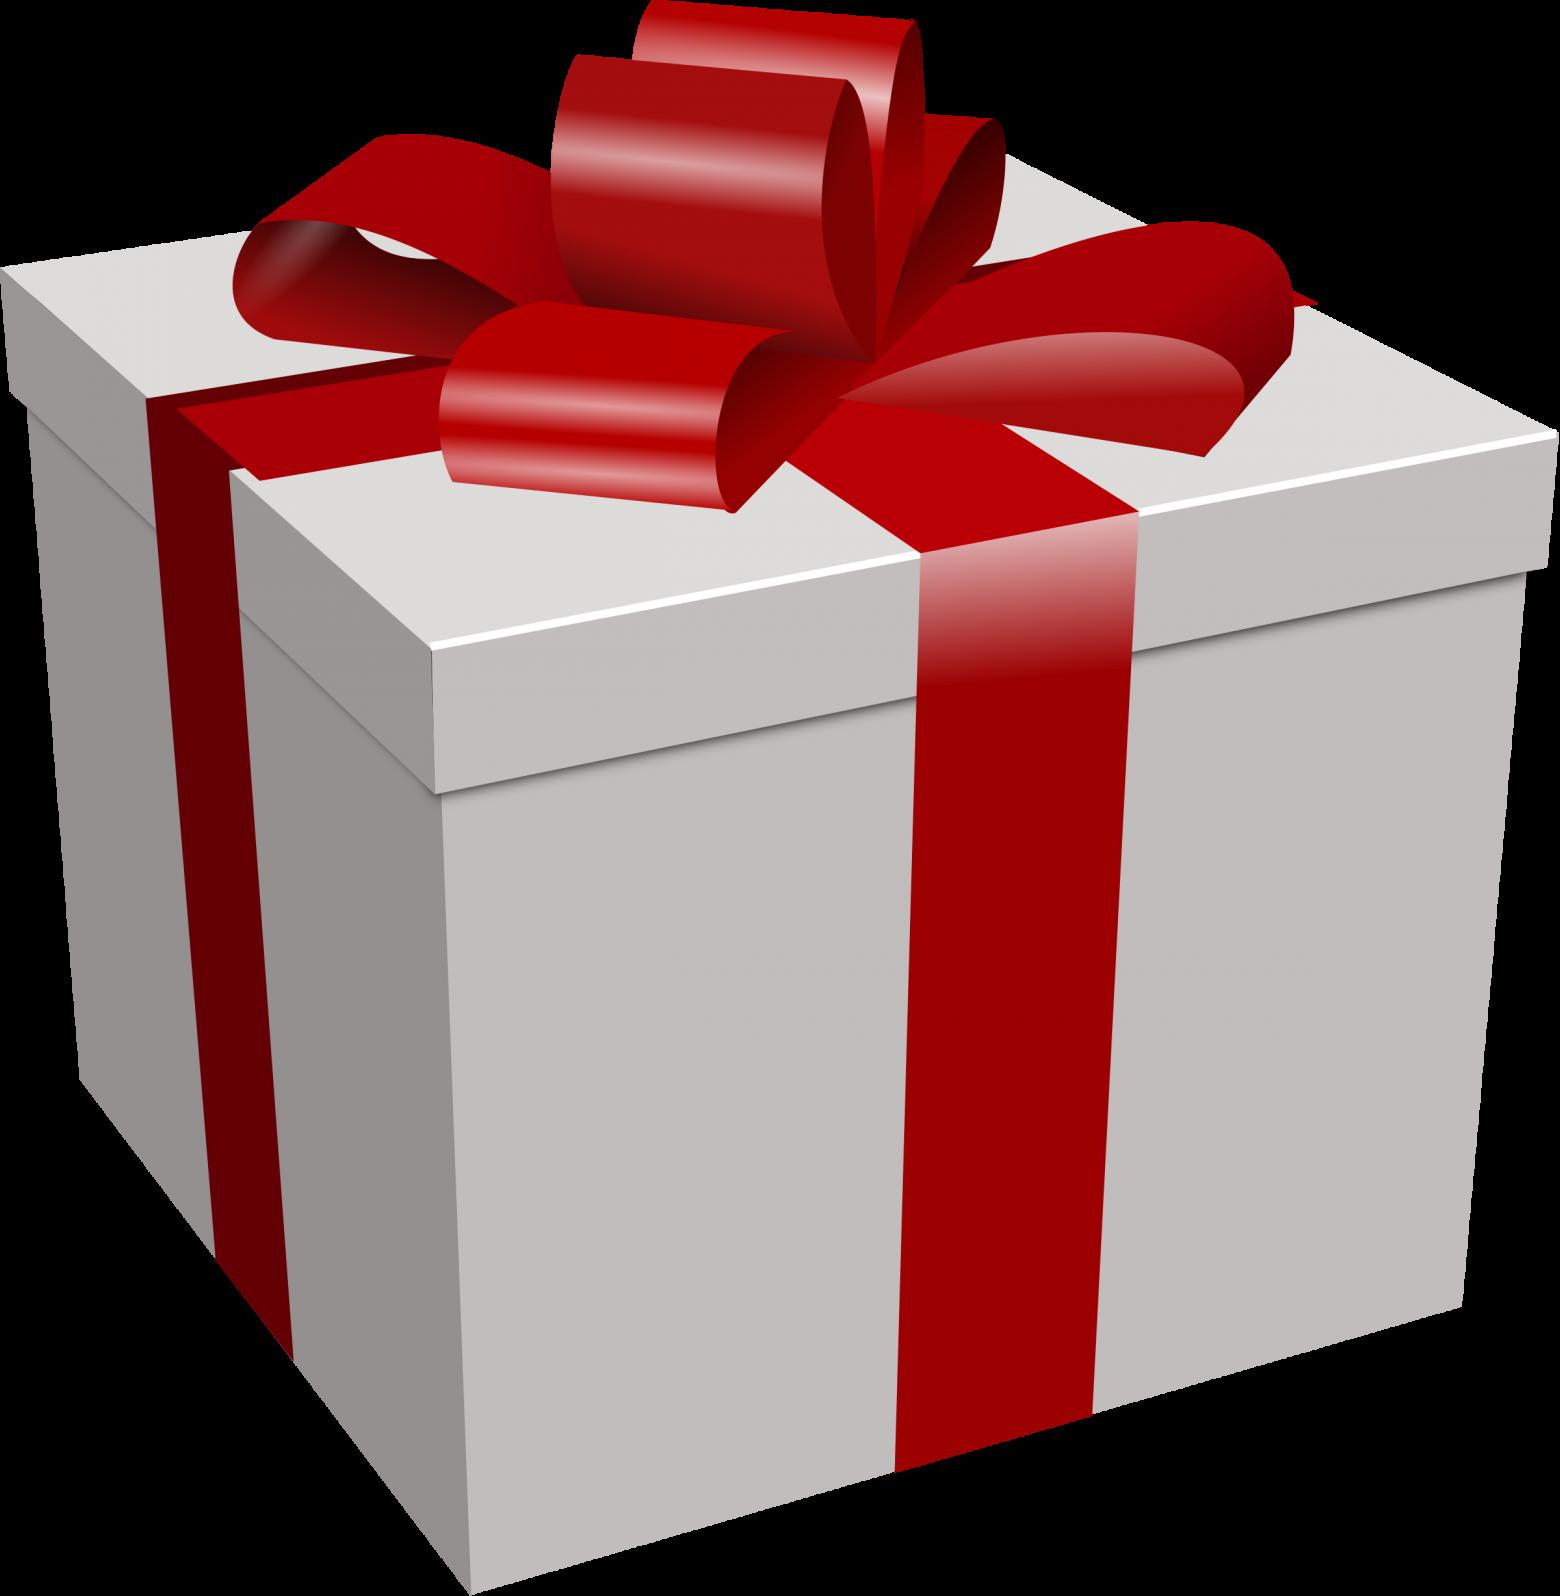 fotomelia.com | Geschenke, Verschenken, Baden ag